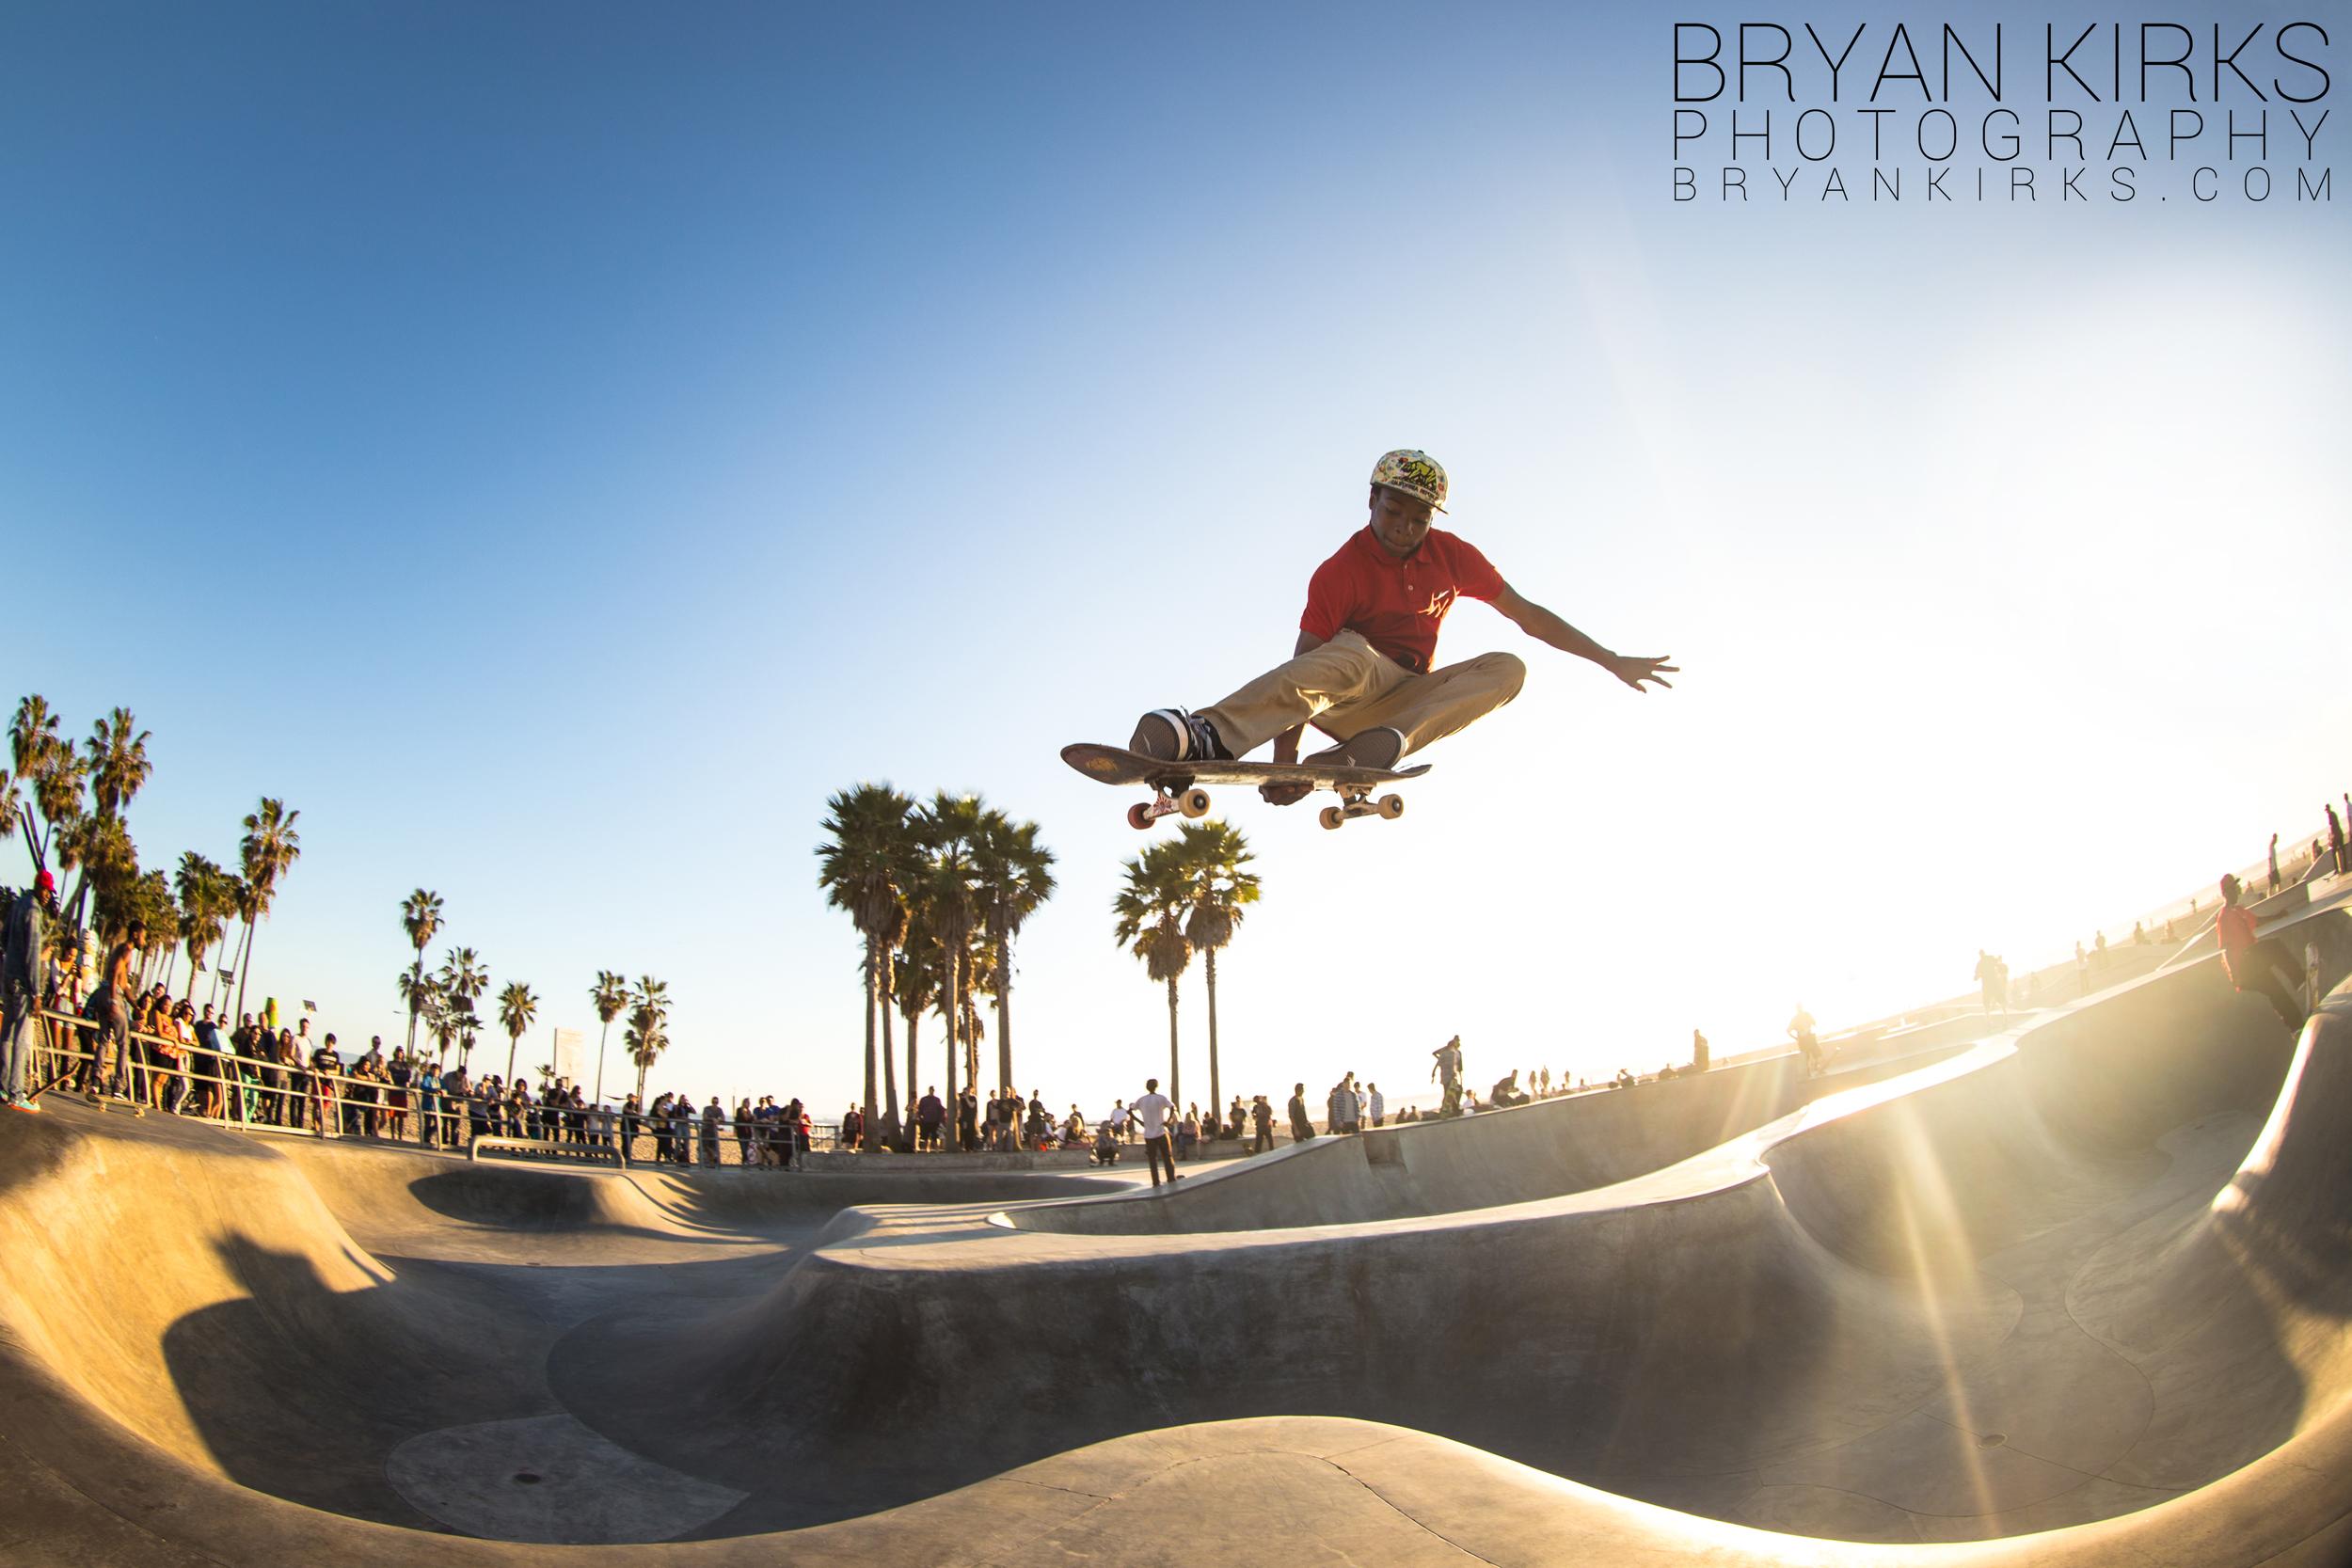 Skater at the Venice Beach Skatepark in Venice, California